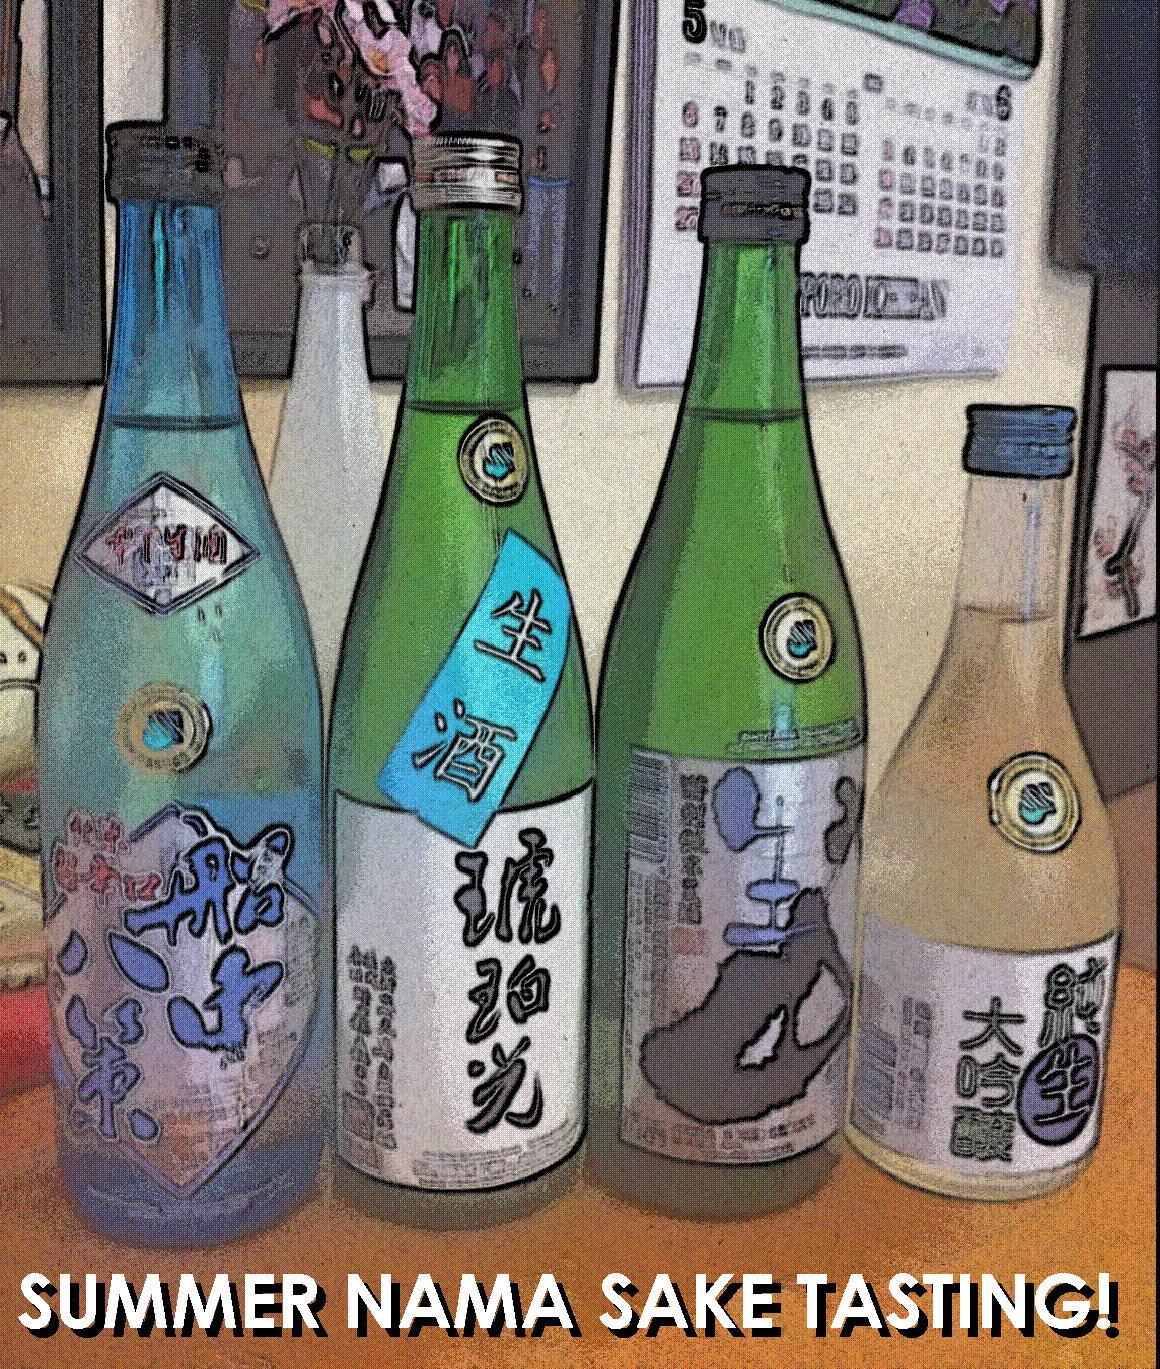 Summer Nama Sake Tasting!